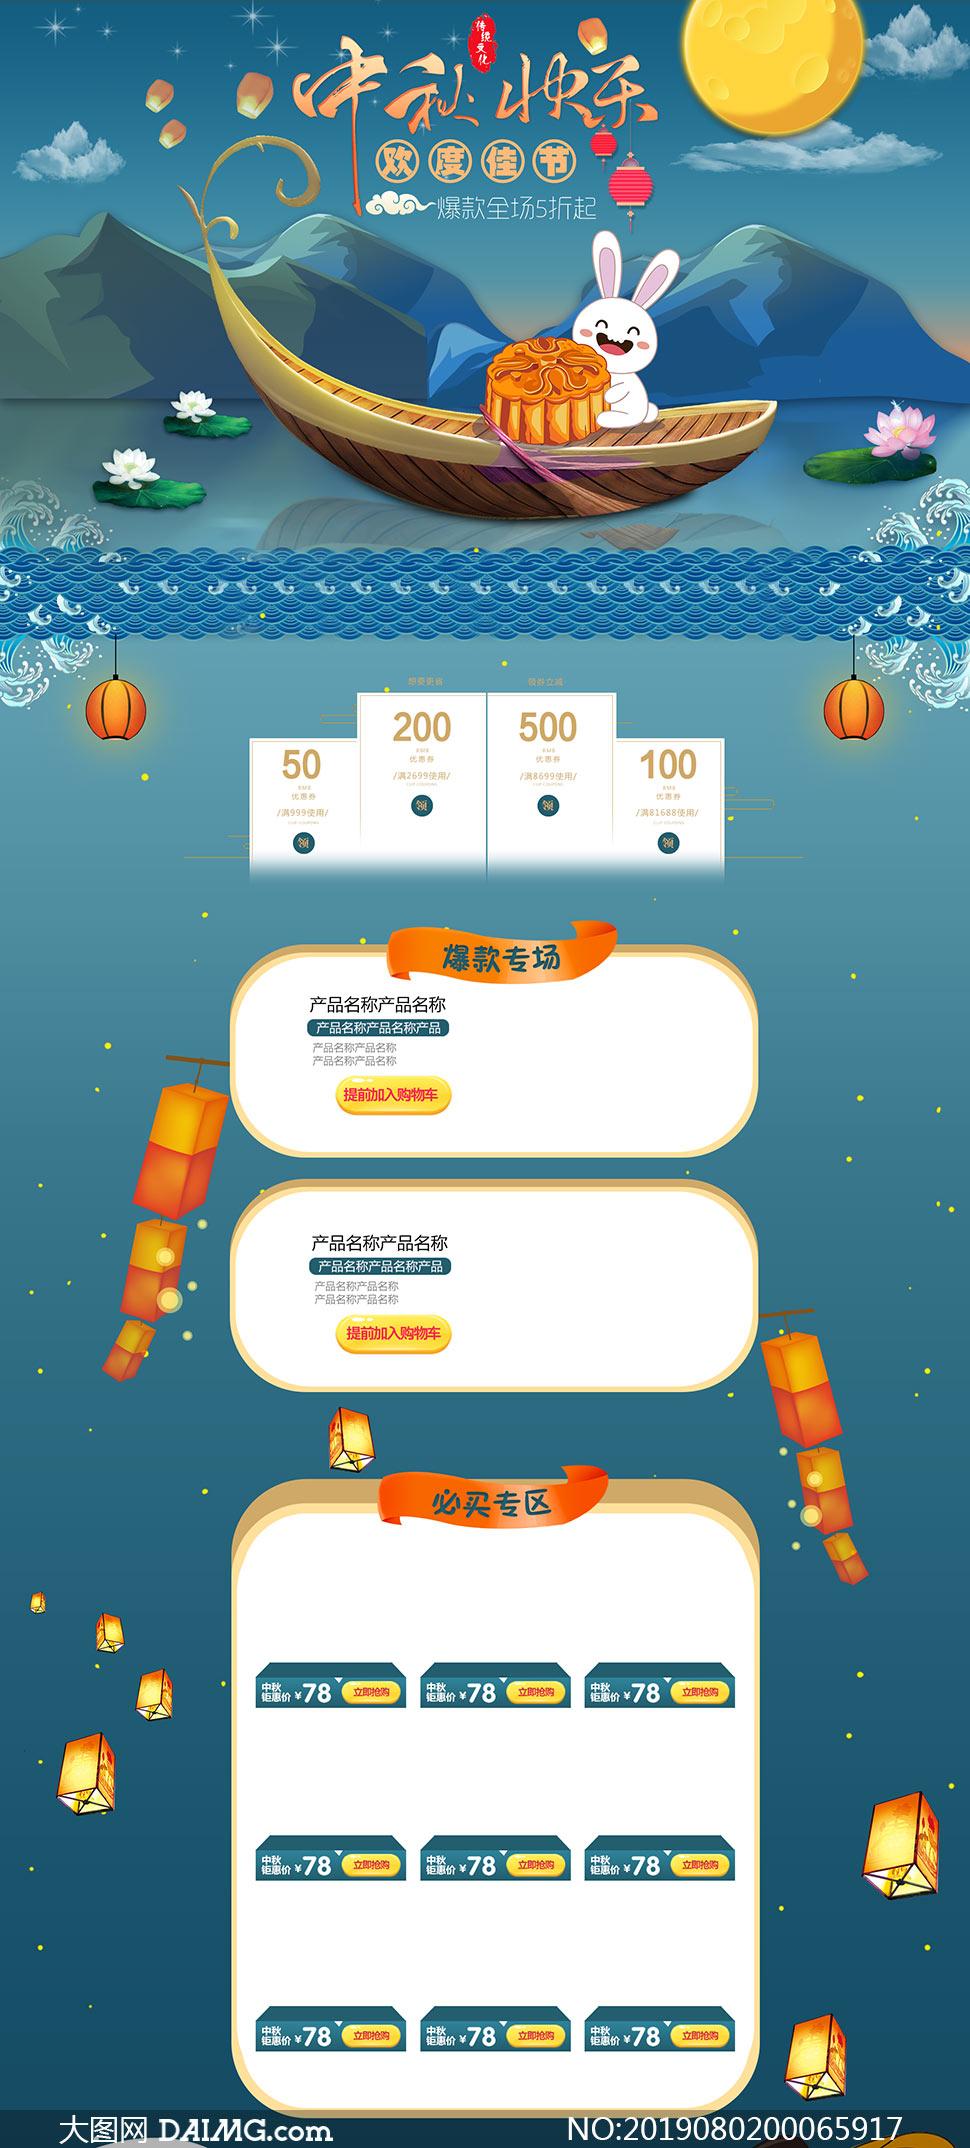 天猫中秋节幸运飞艇怎样玩才赚钱设计模板PSD素材